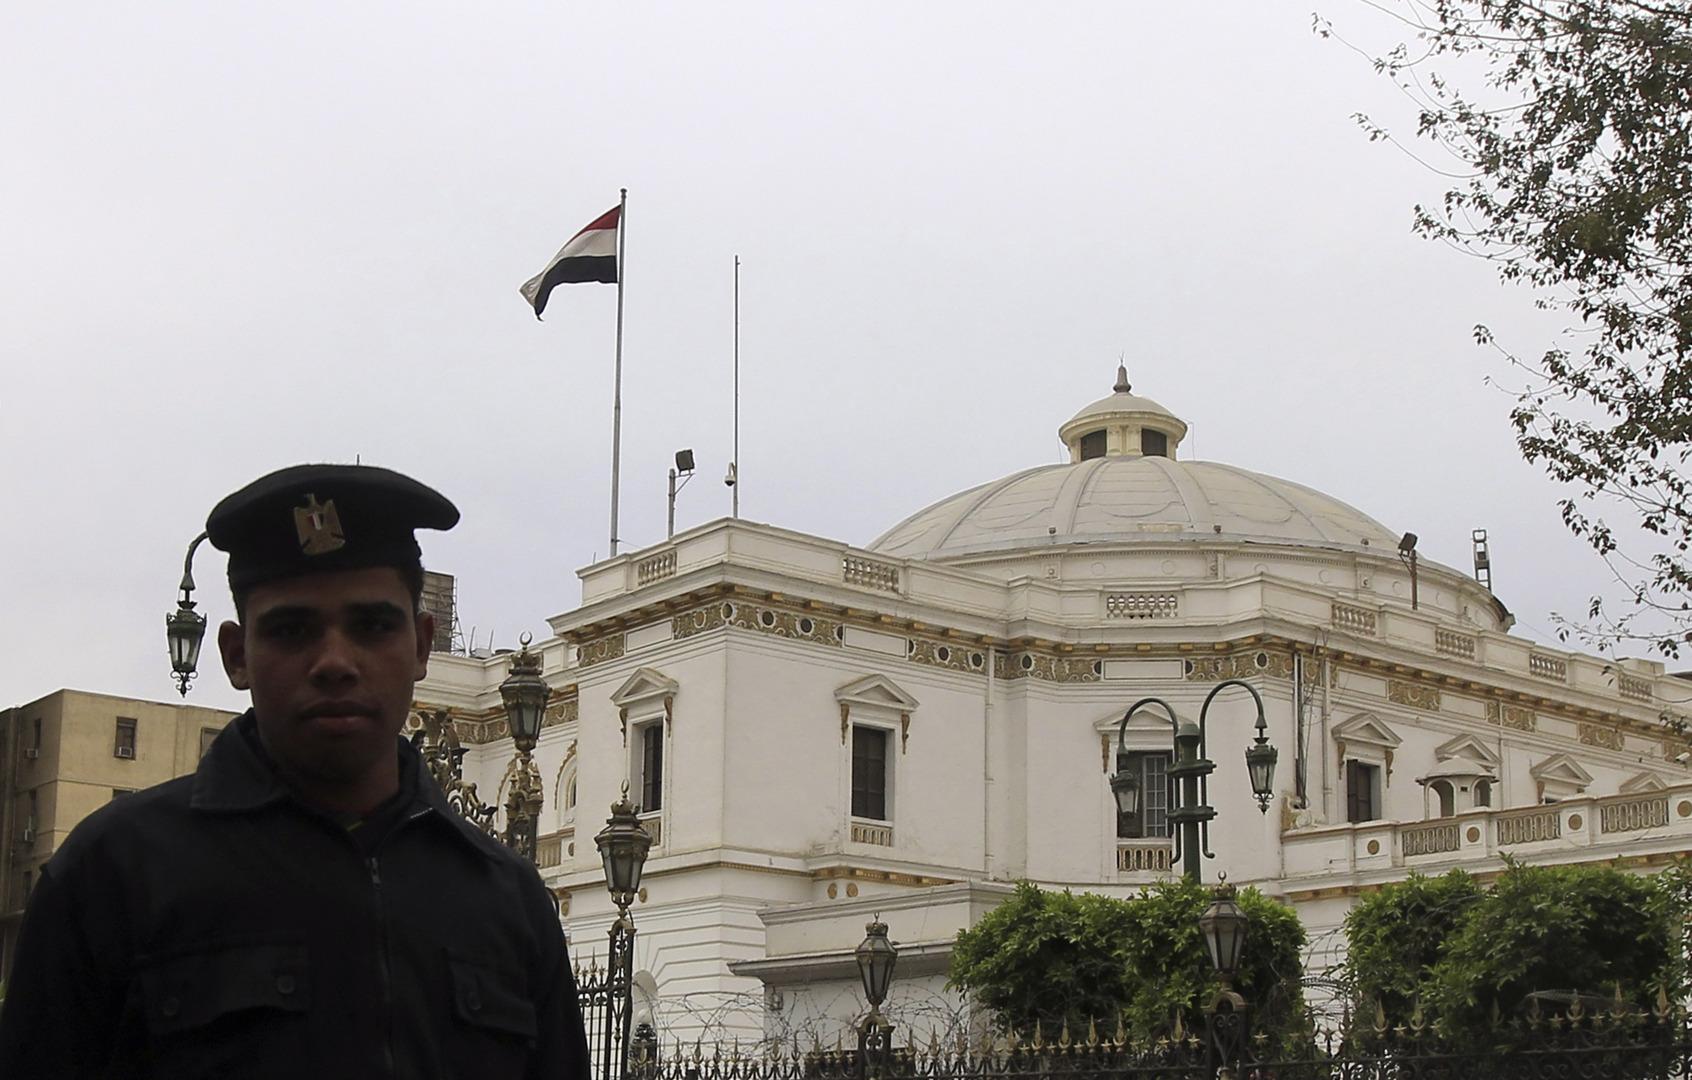 البرلمان المصري يفوض القوات المسلحة بالتدخل العسكري لحماية الأمن القومي